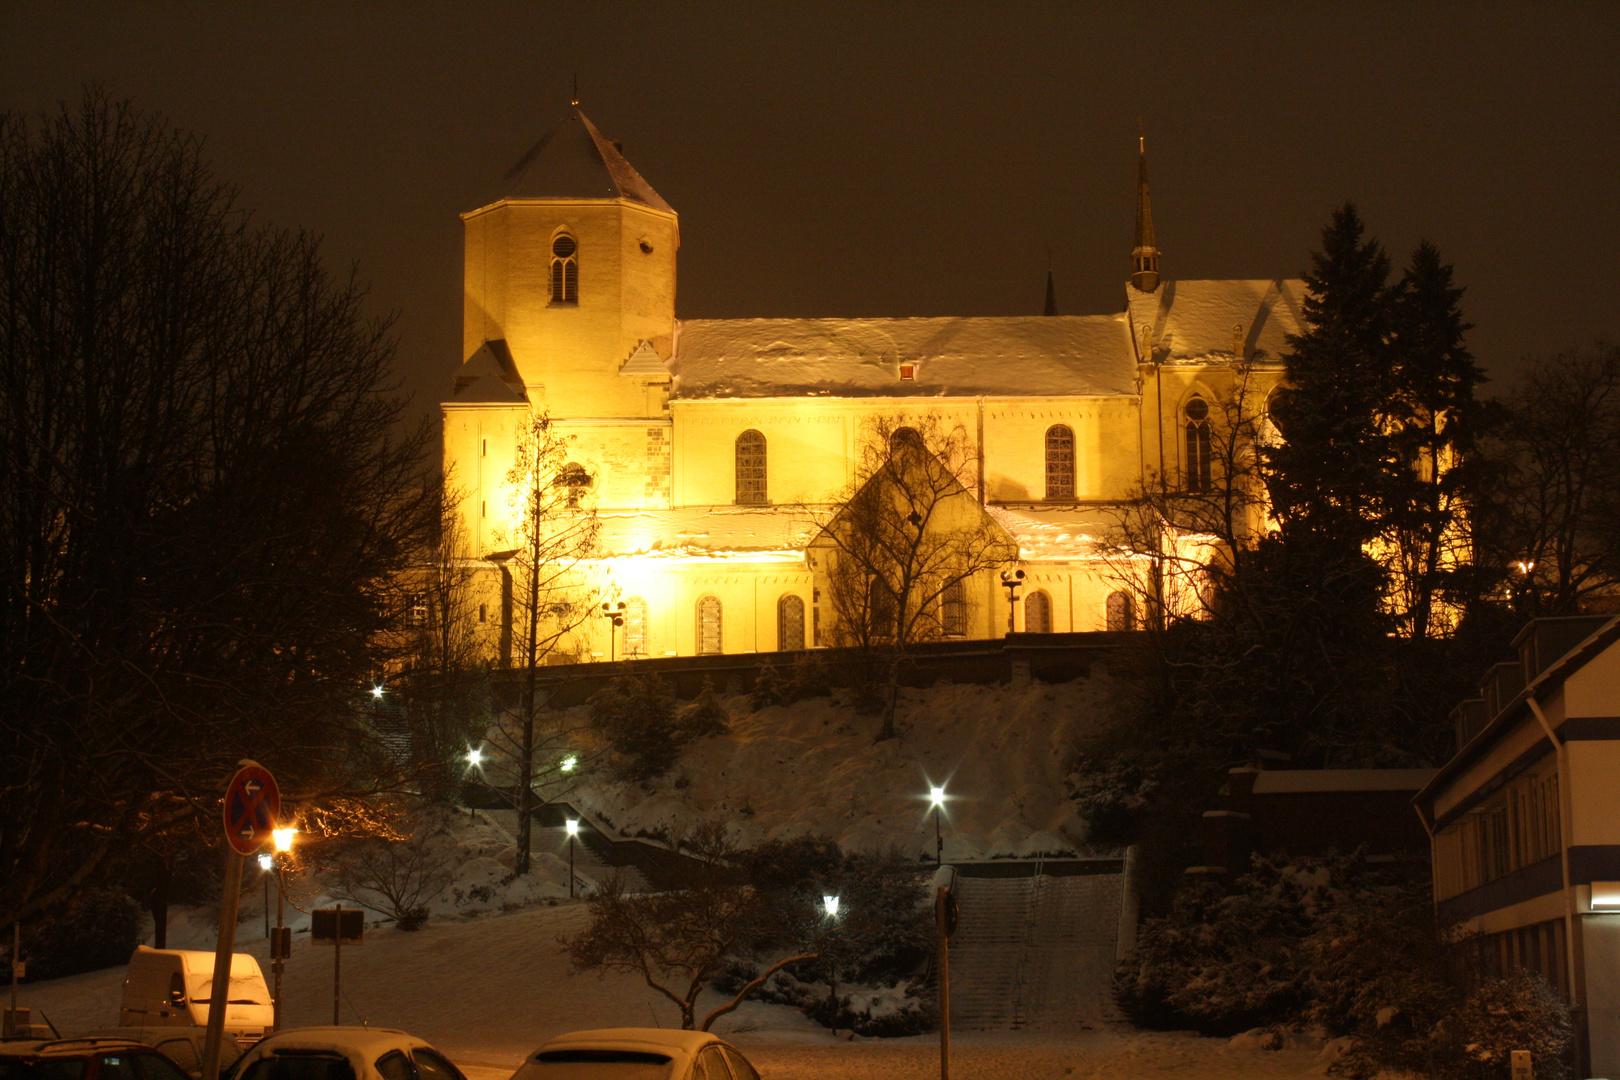 Das schöne Münster St. Vitus in Mönchengladbach